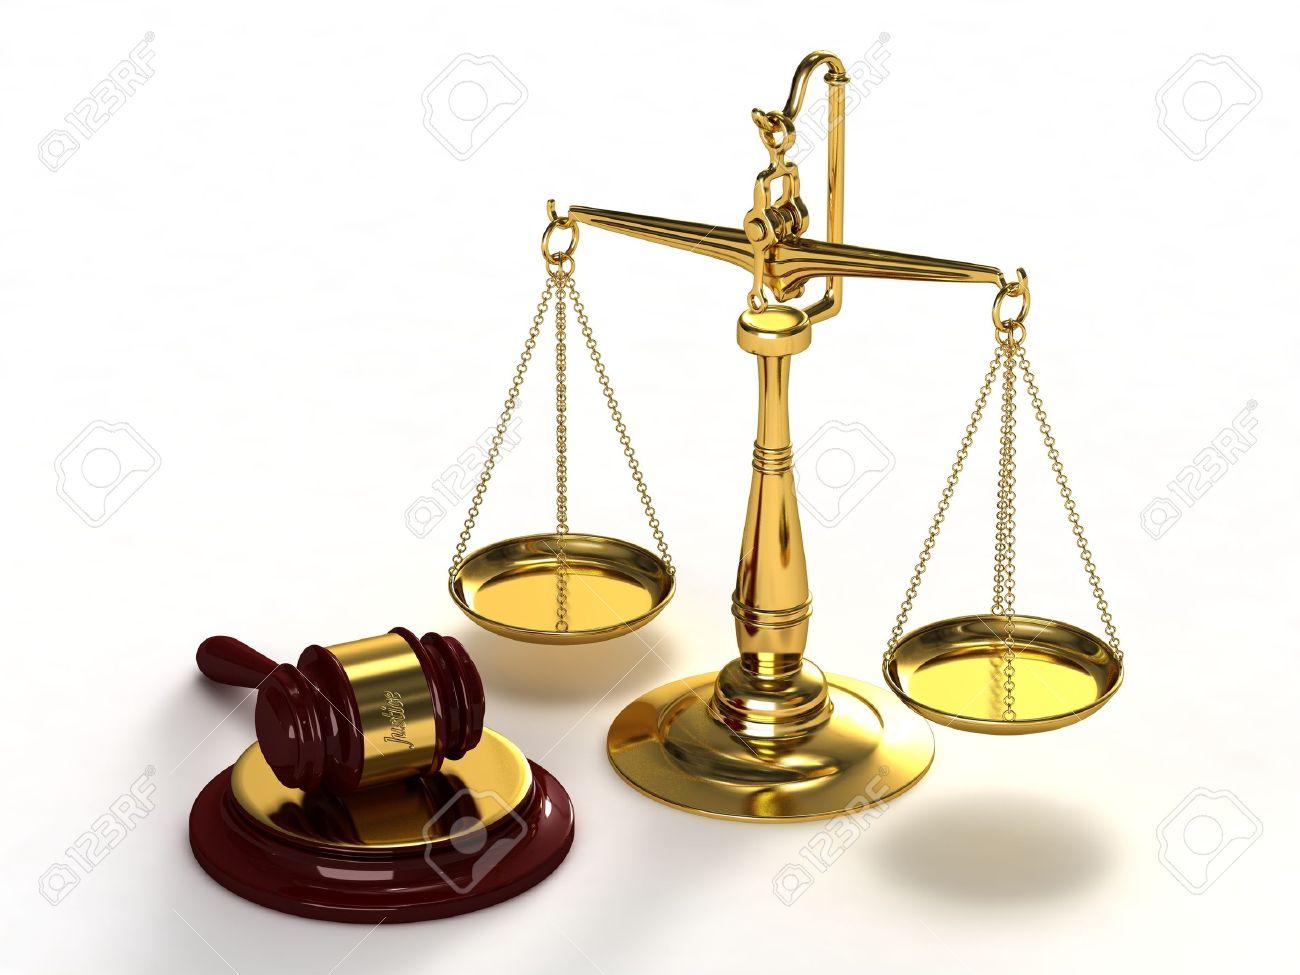 """Résultat de recherche d'images pour """"balance justice marteau"""""""